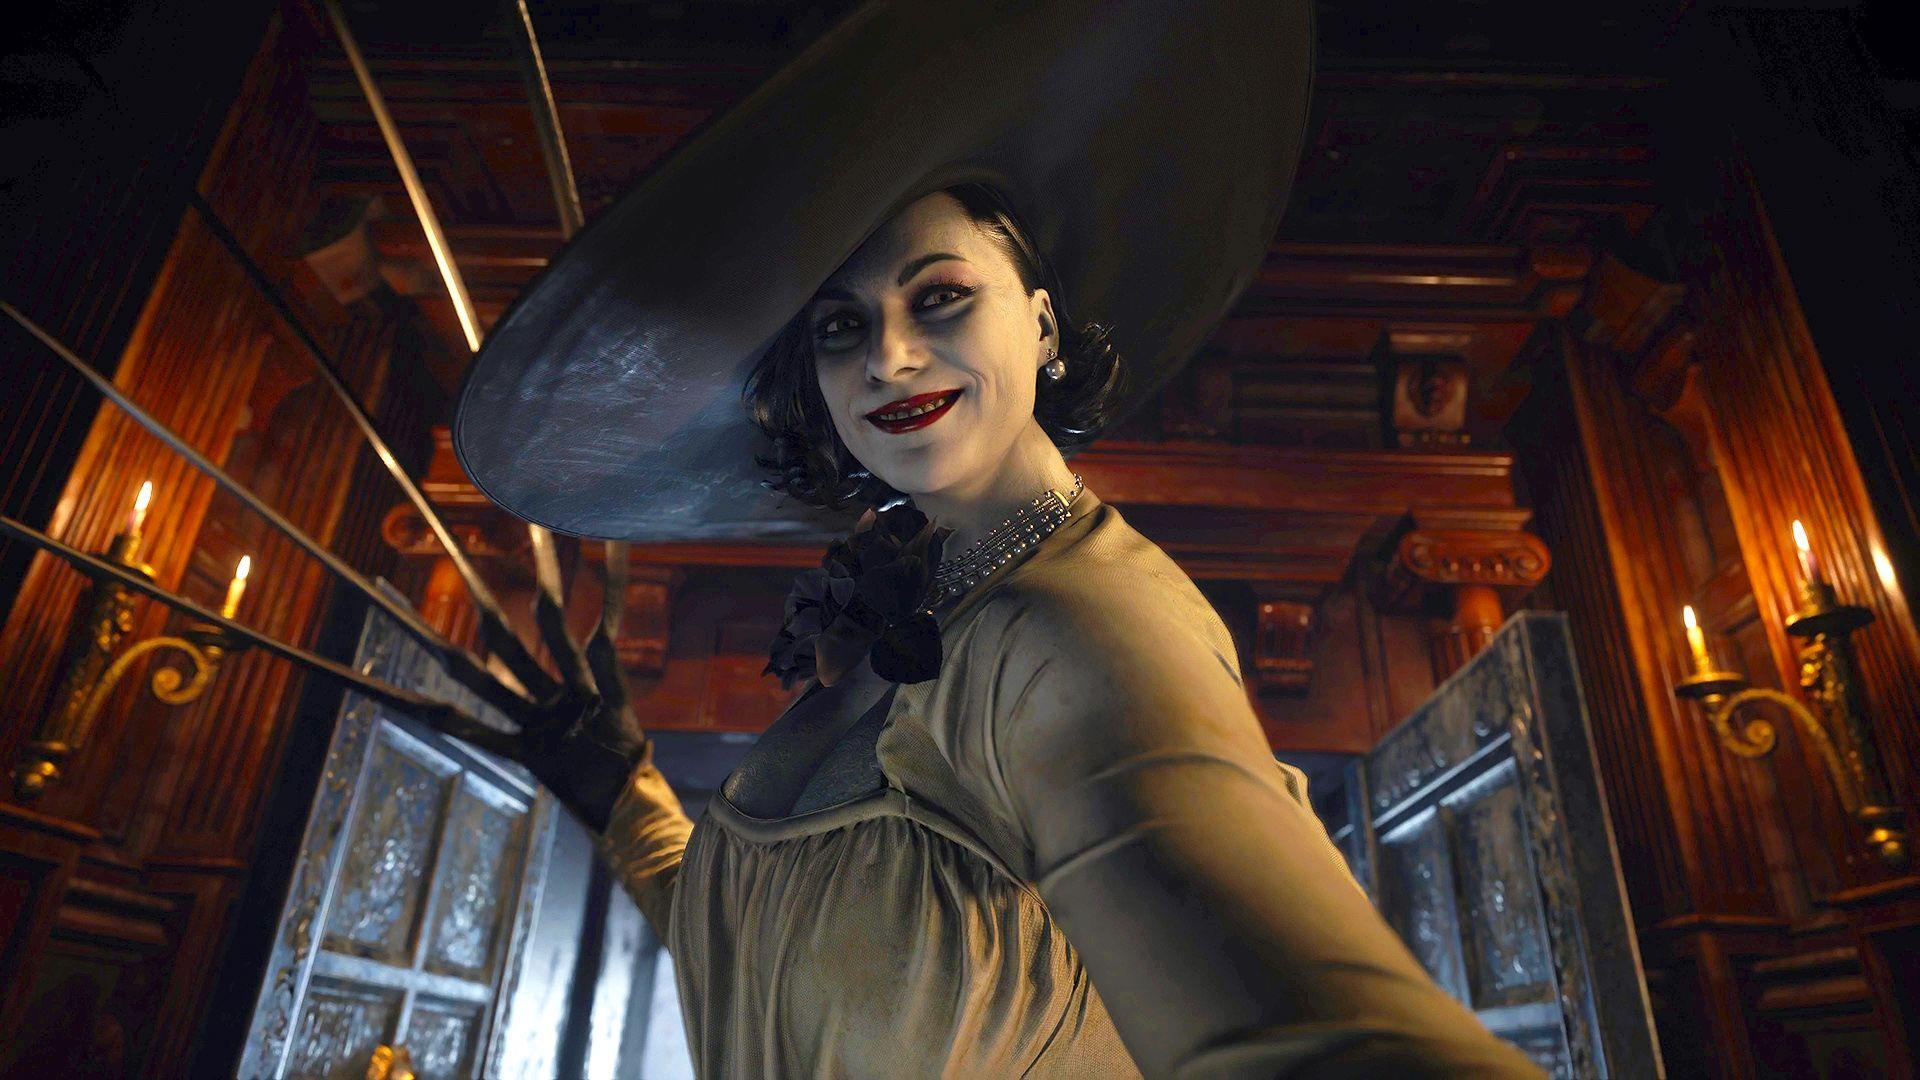 [閒聊] 惡靈8的8尺夫人為何有人能對她發情?